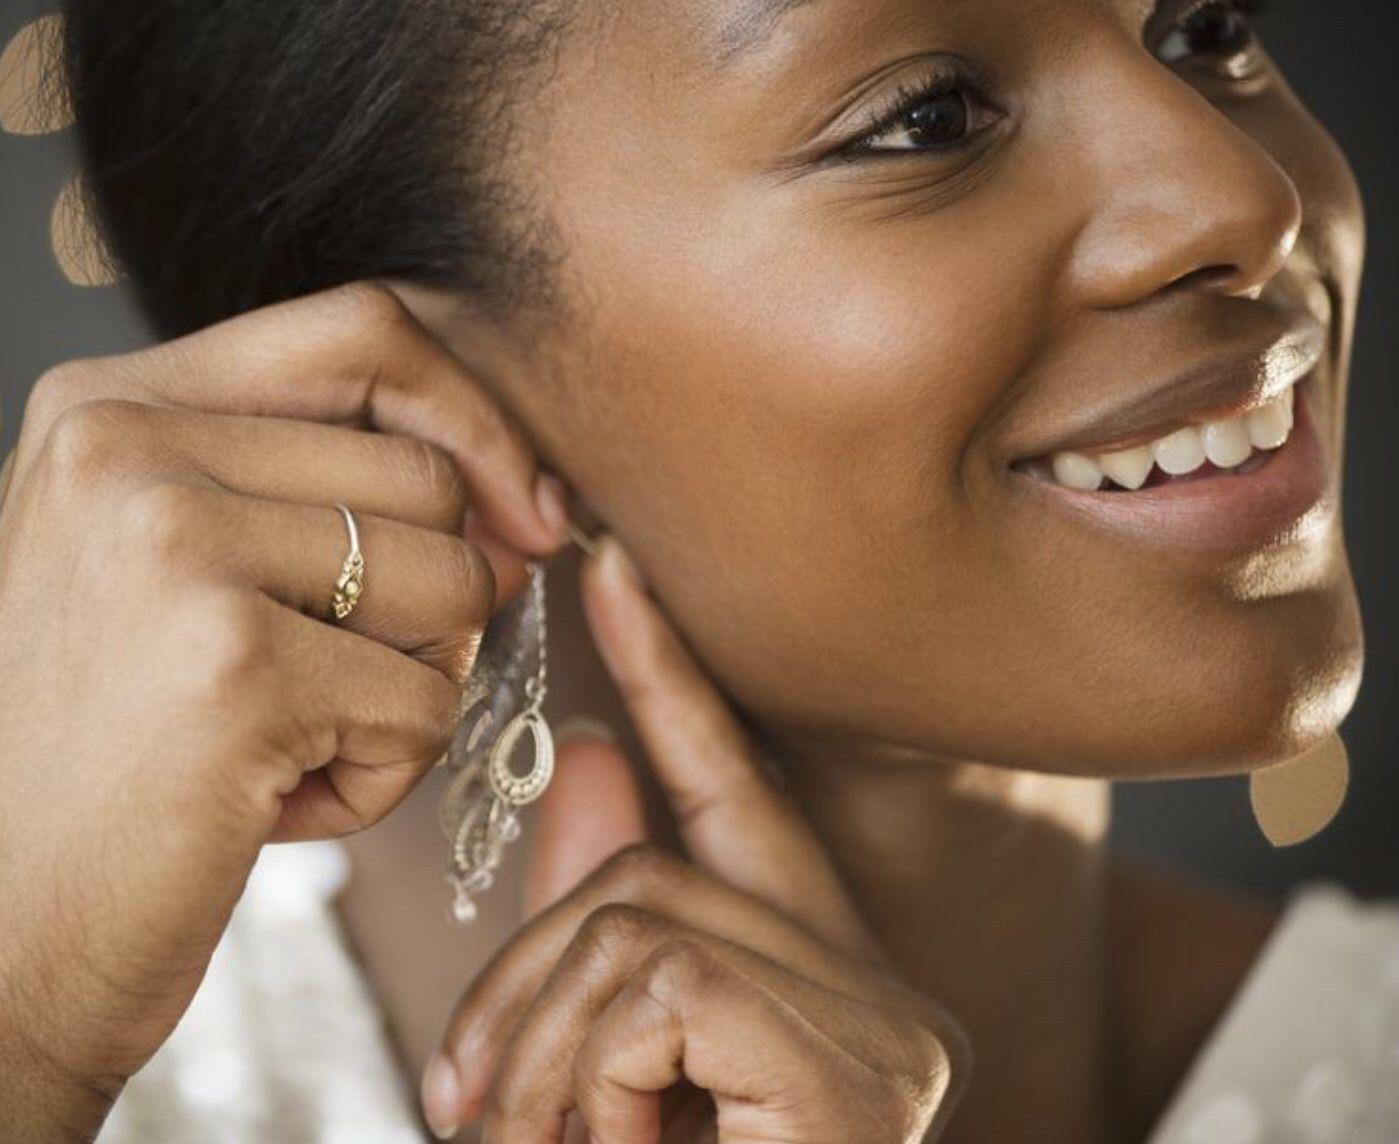 Ear piercing woman